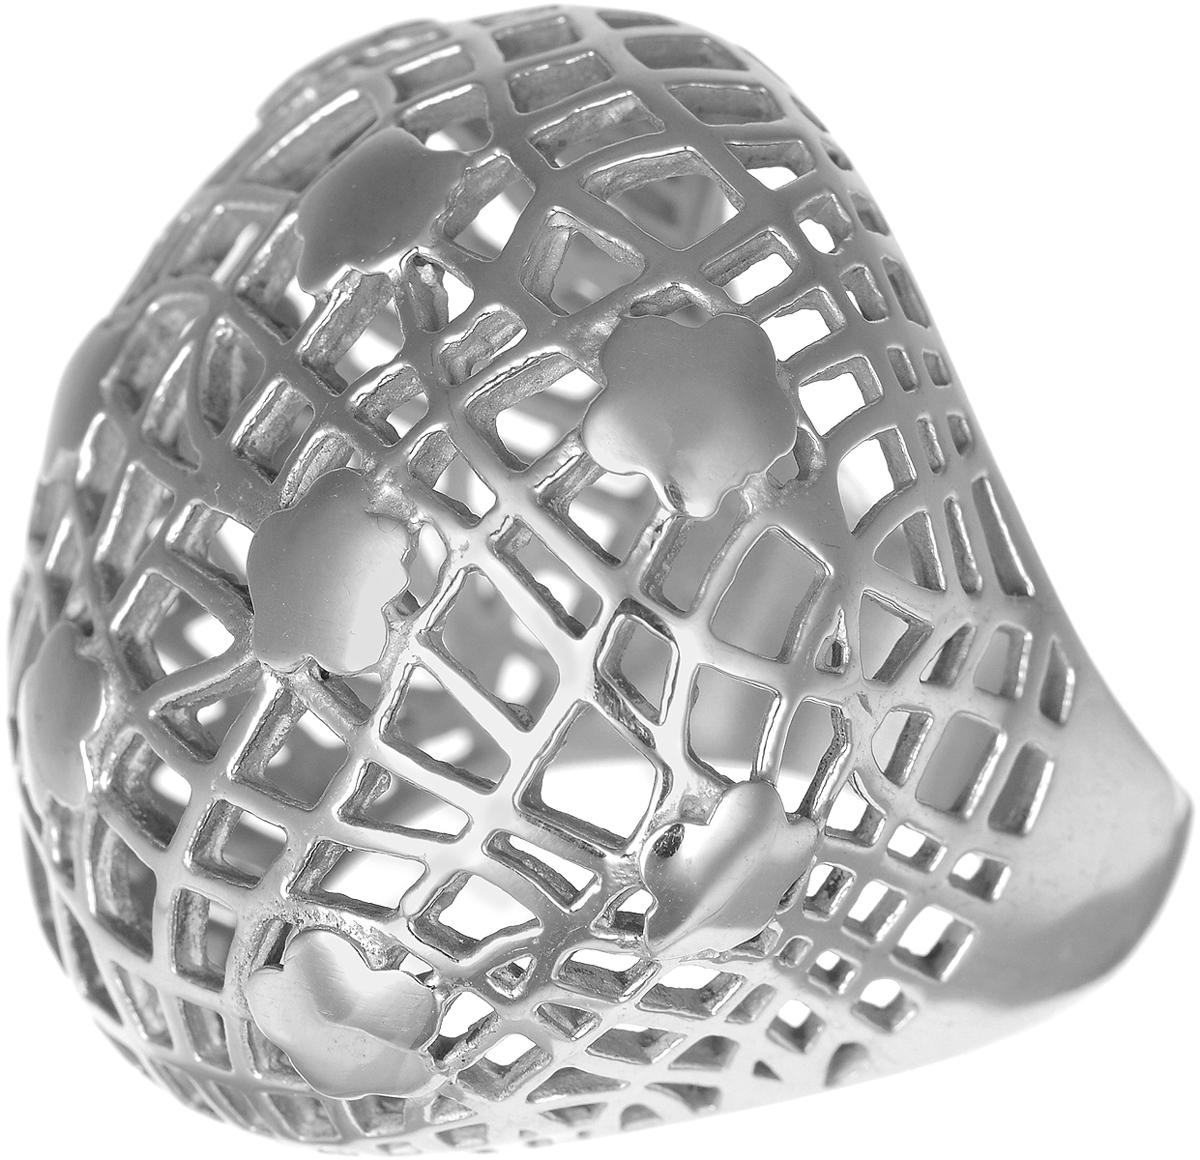 Кольцо Polina Selezneva, цвет: серебристый. DG-0001. Размер 20DG-0001Стильное кольцо Polina Selezneva изготовлено из качественного металлического сплава и выполнено в оригинальном дизайне. Массивное кольцо оформлено резным узором.